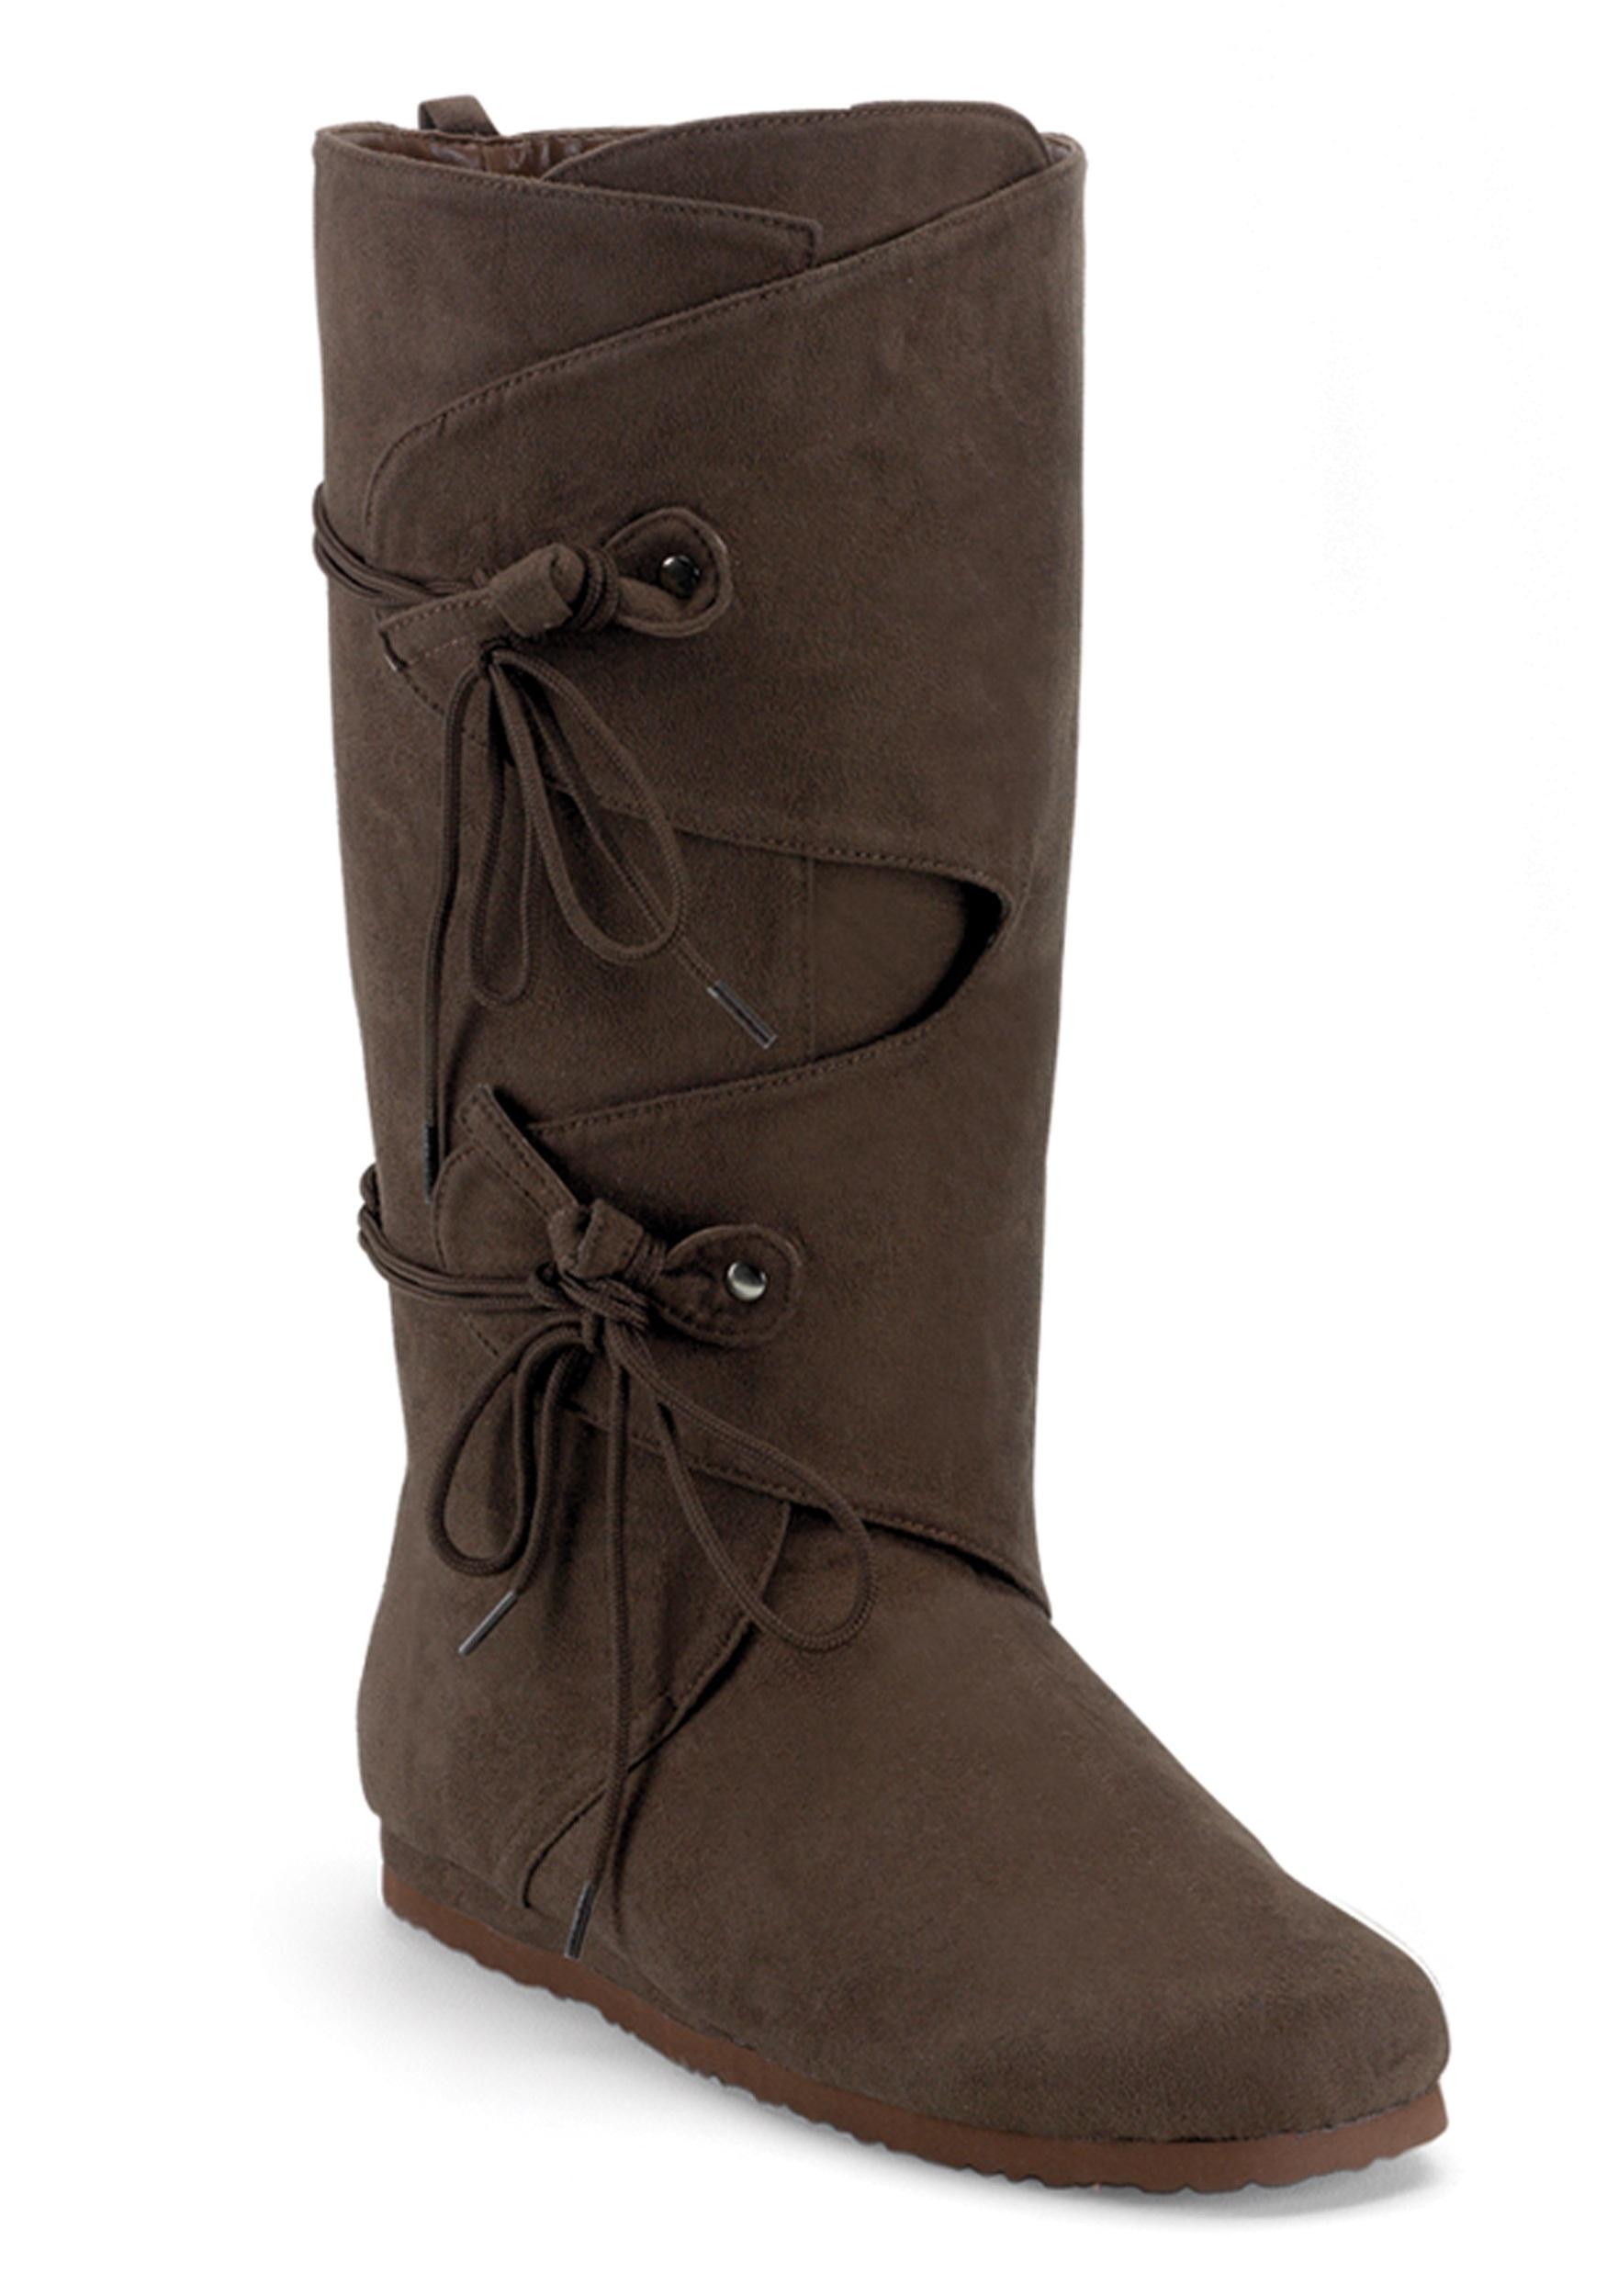 Adult Renaissance Costume Boots